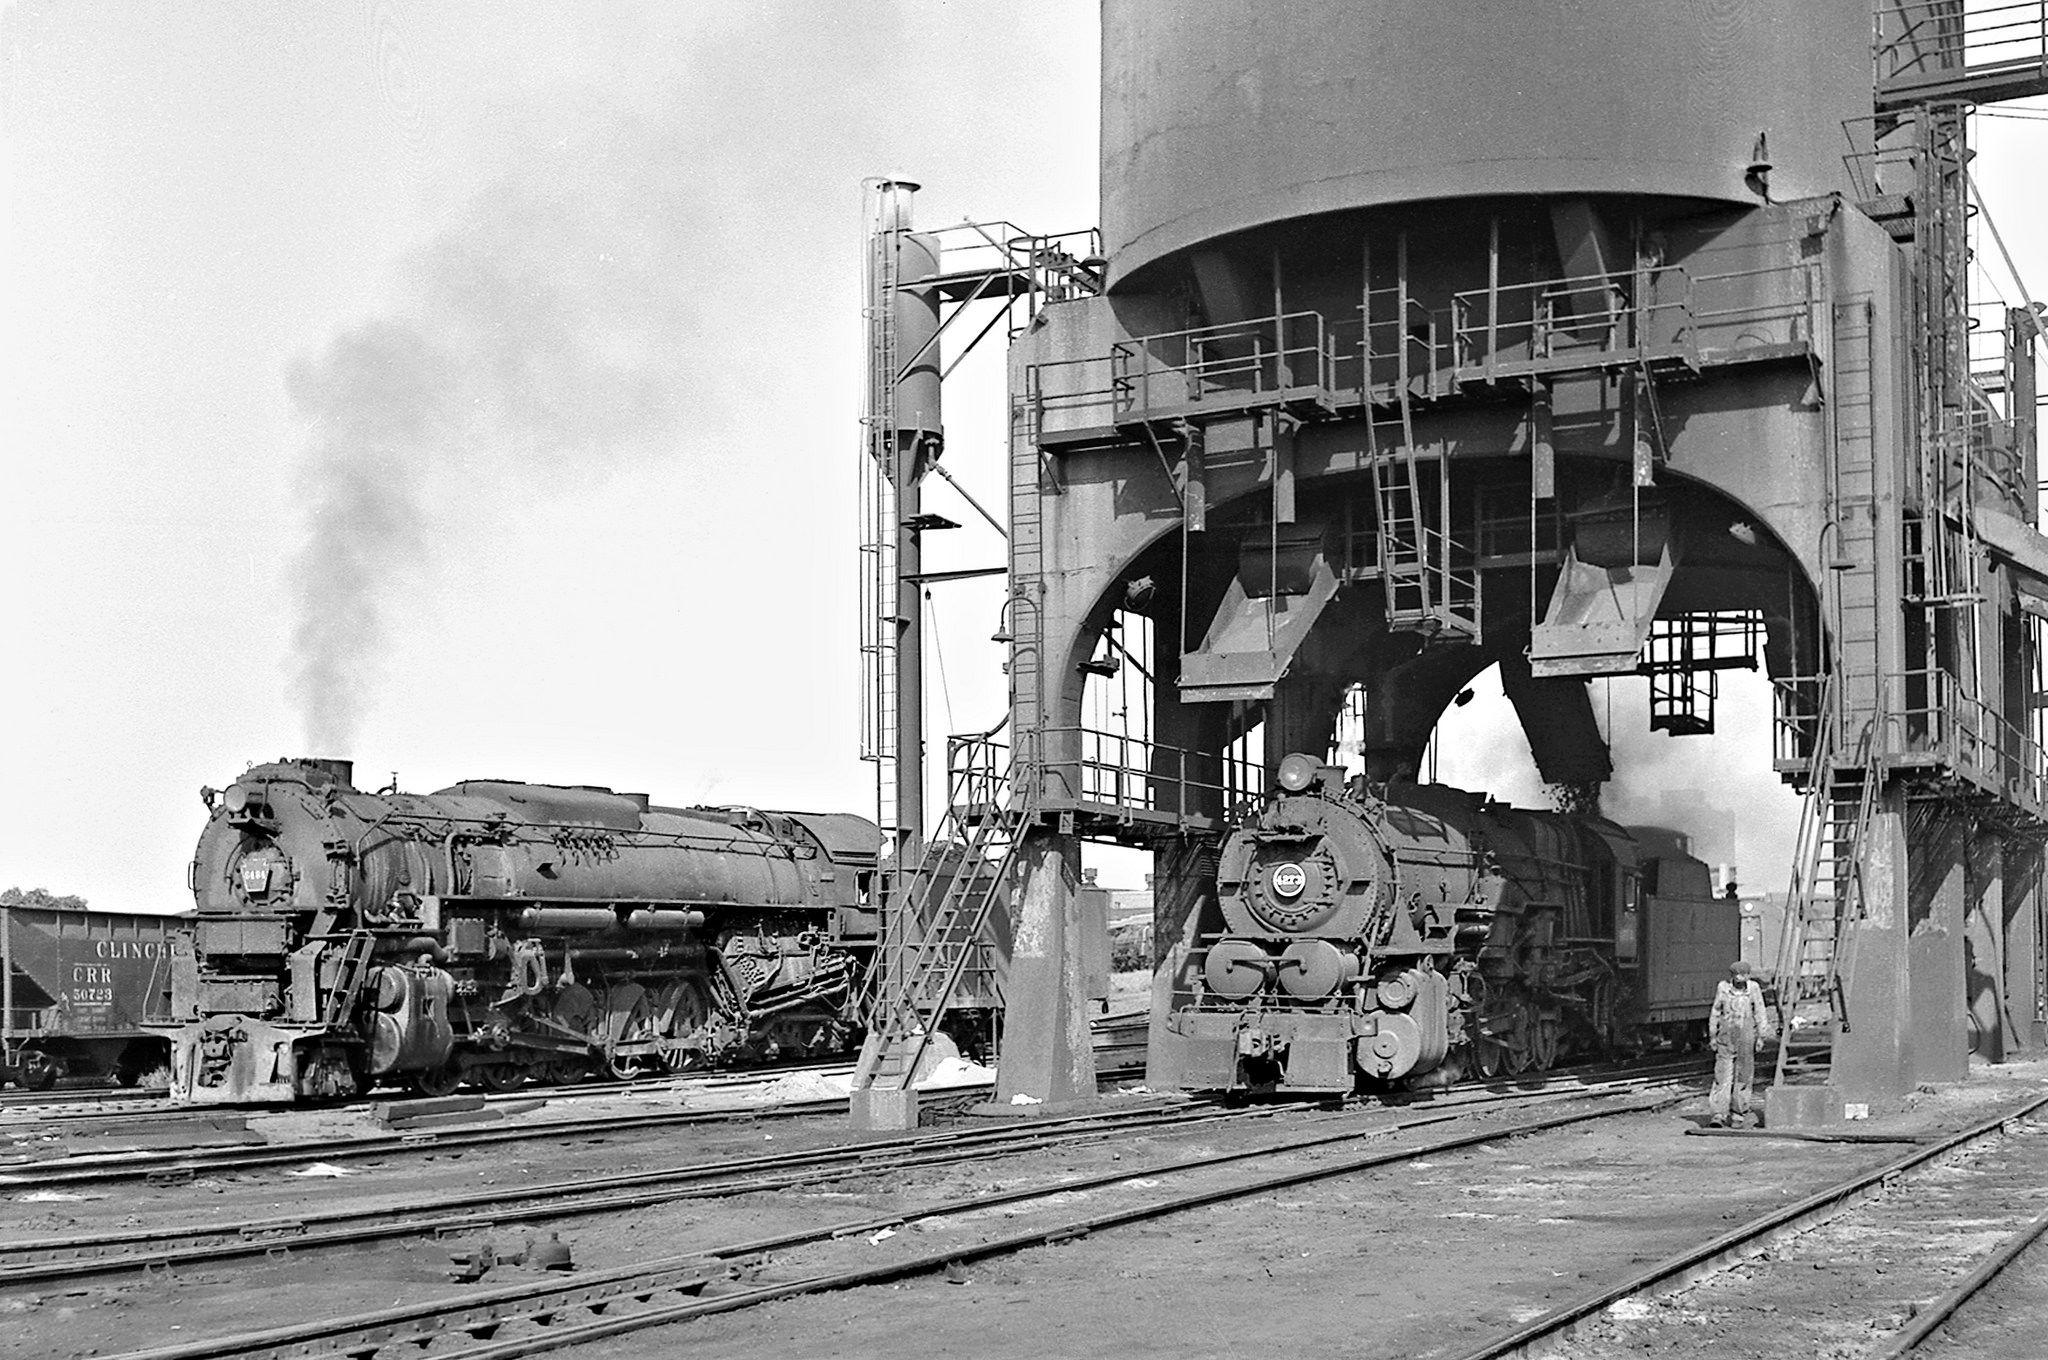 PRR, Columbus, Ohio, 1956 Pennsylvania Railroad steam